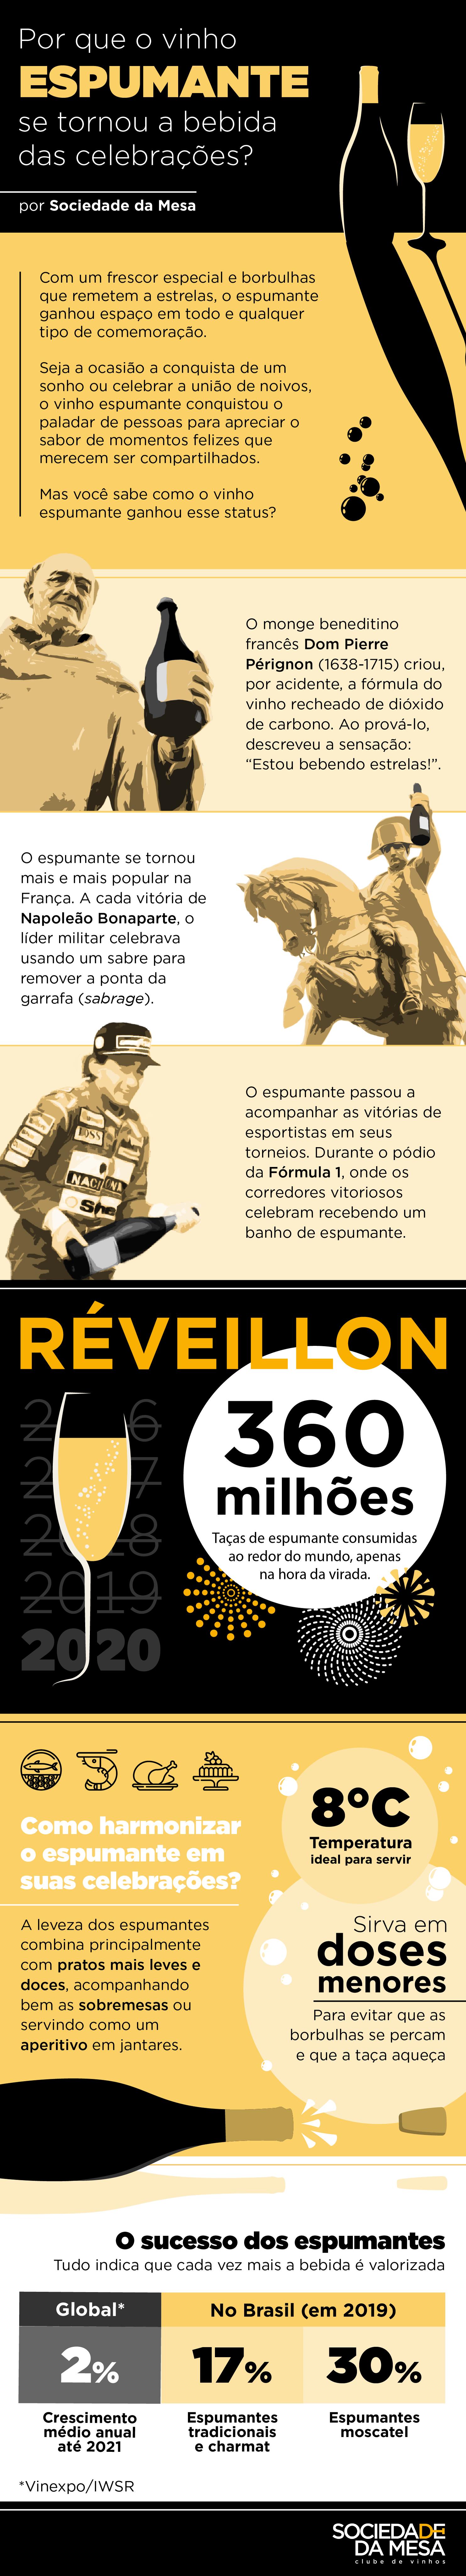 Infografico porque o vinho espumante se tornou a bebida das celebracoes